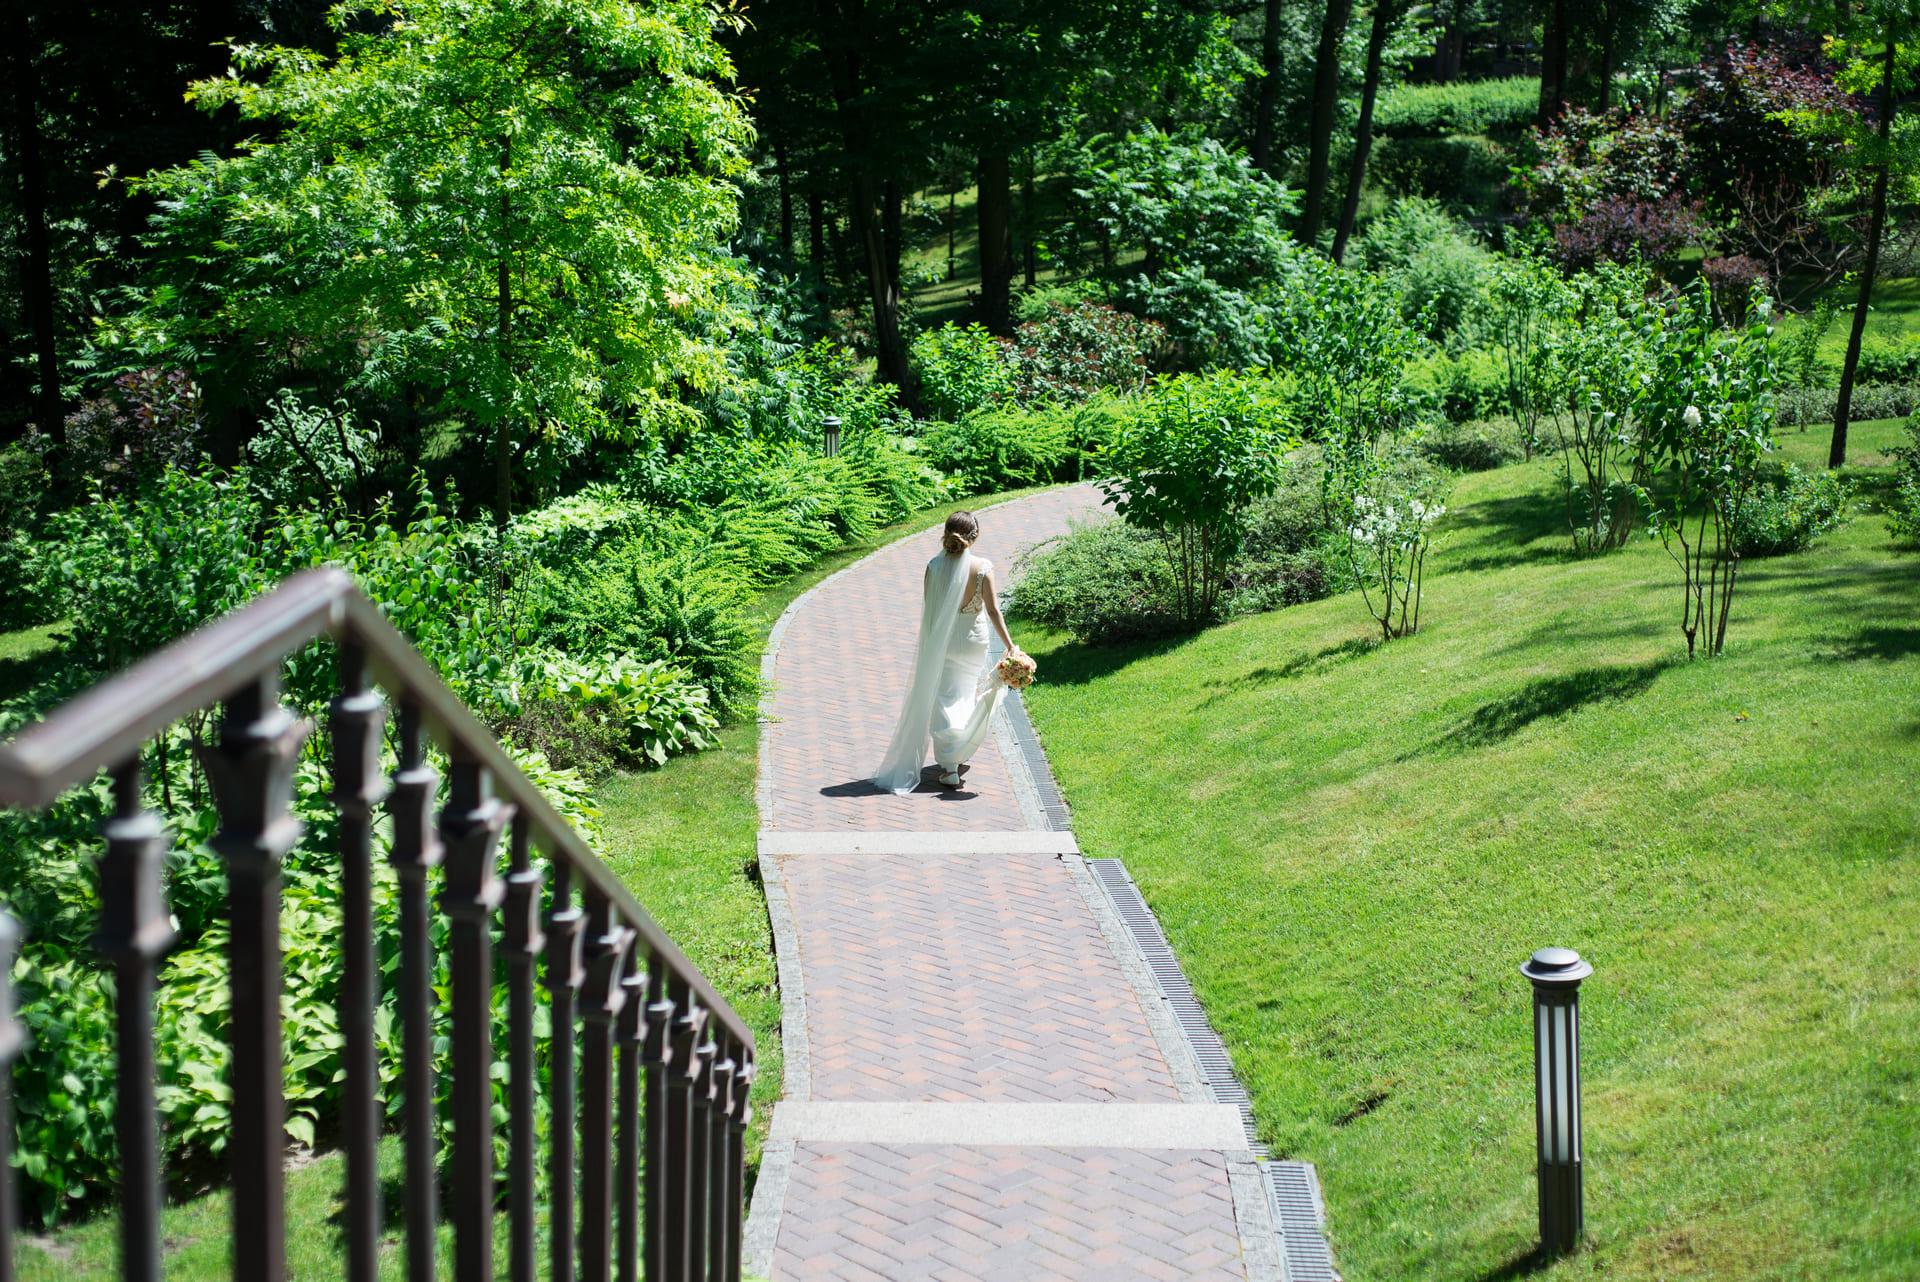 Свадебная фотосессия в Межигорье: Девушка гуляет в парке